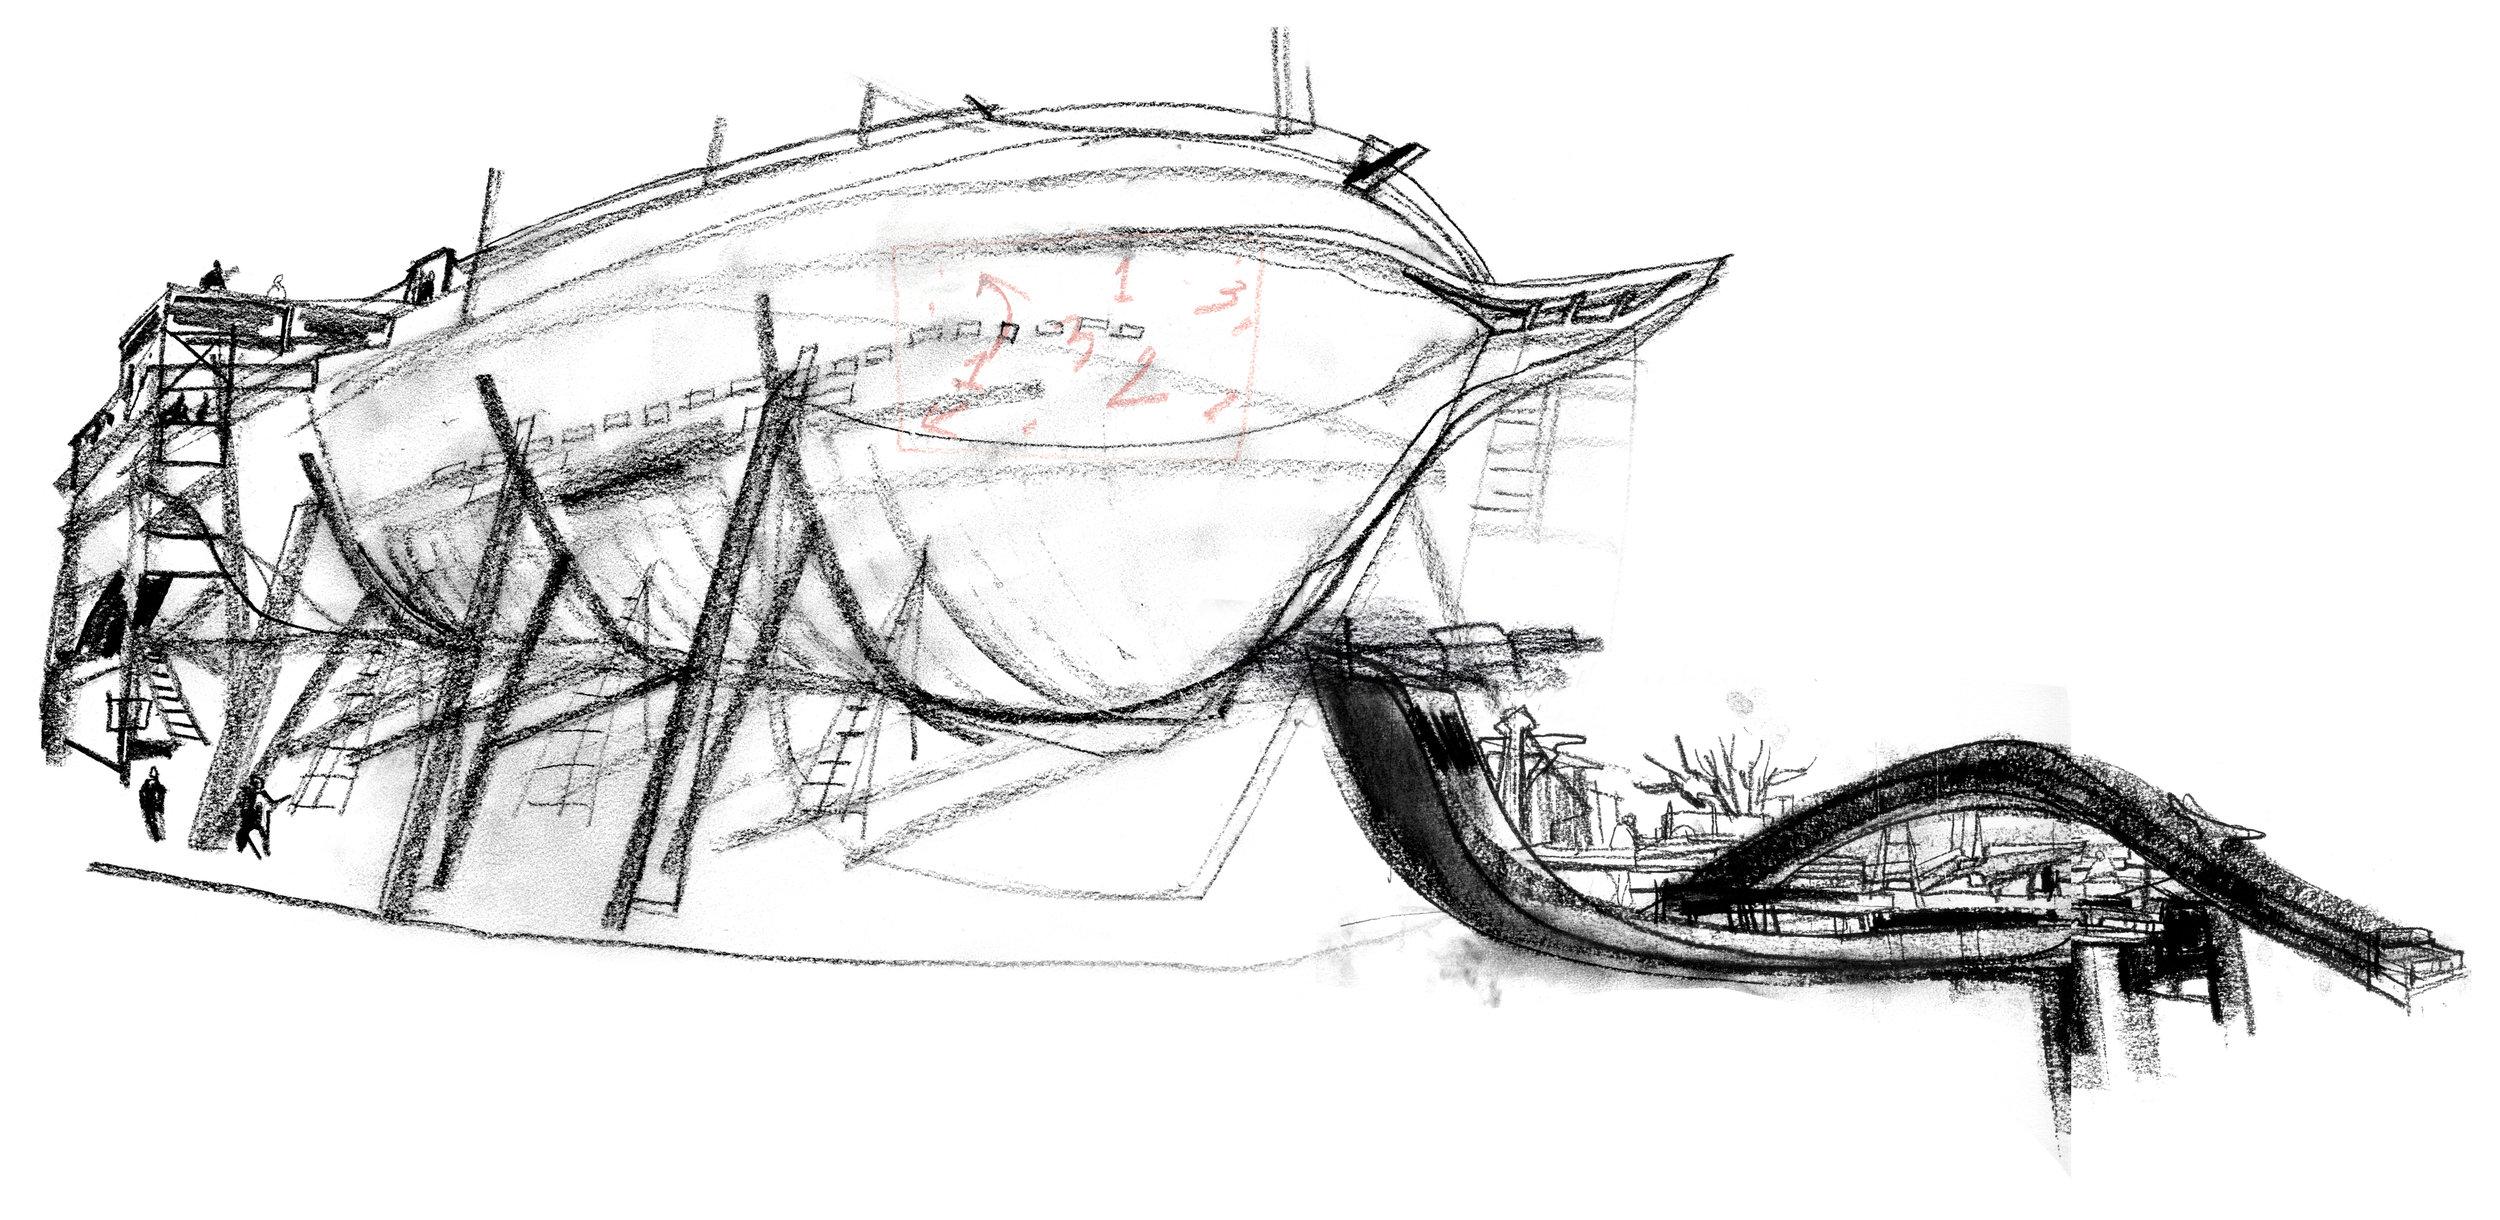 BuildingShipPageTest3.jpg